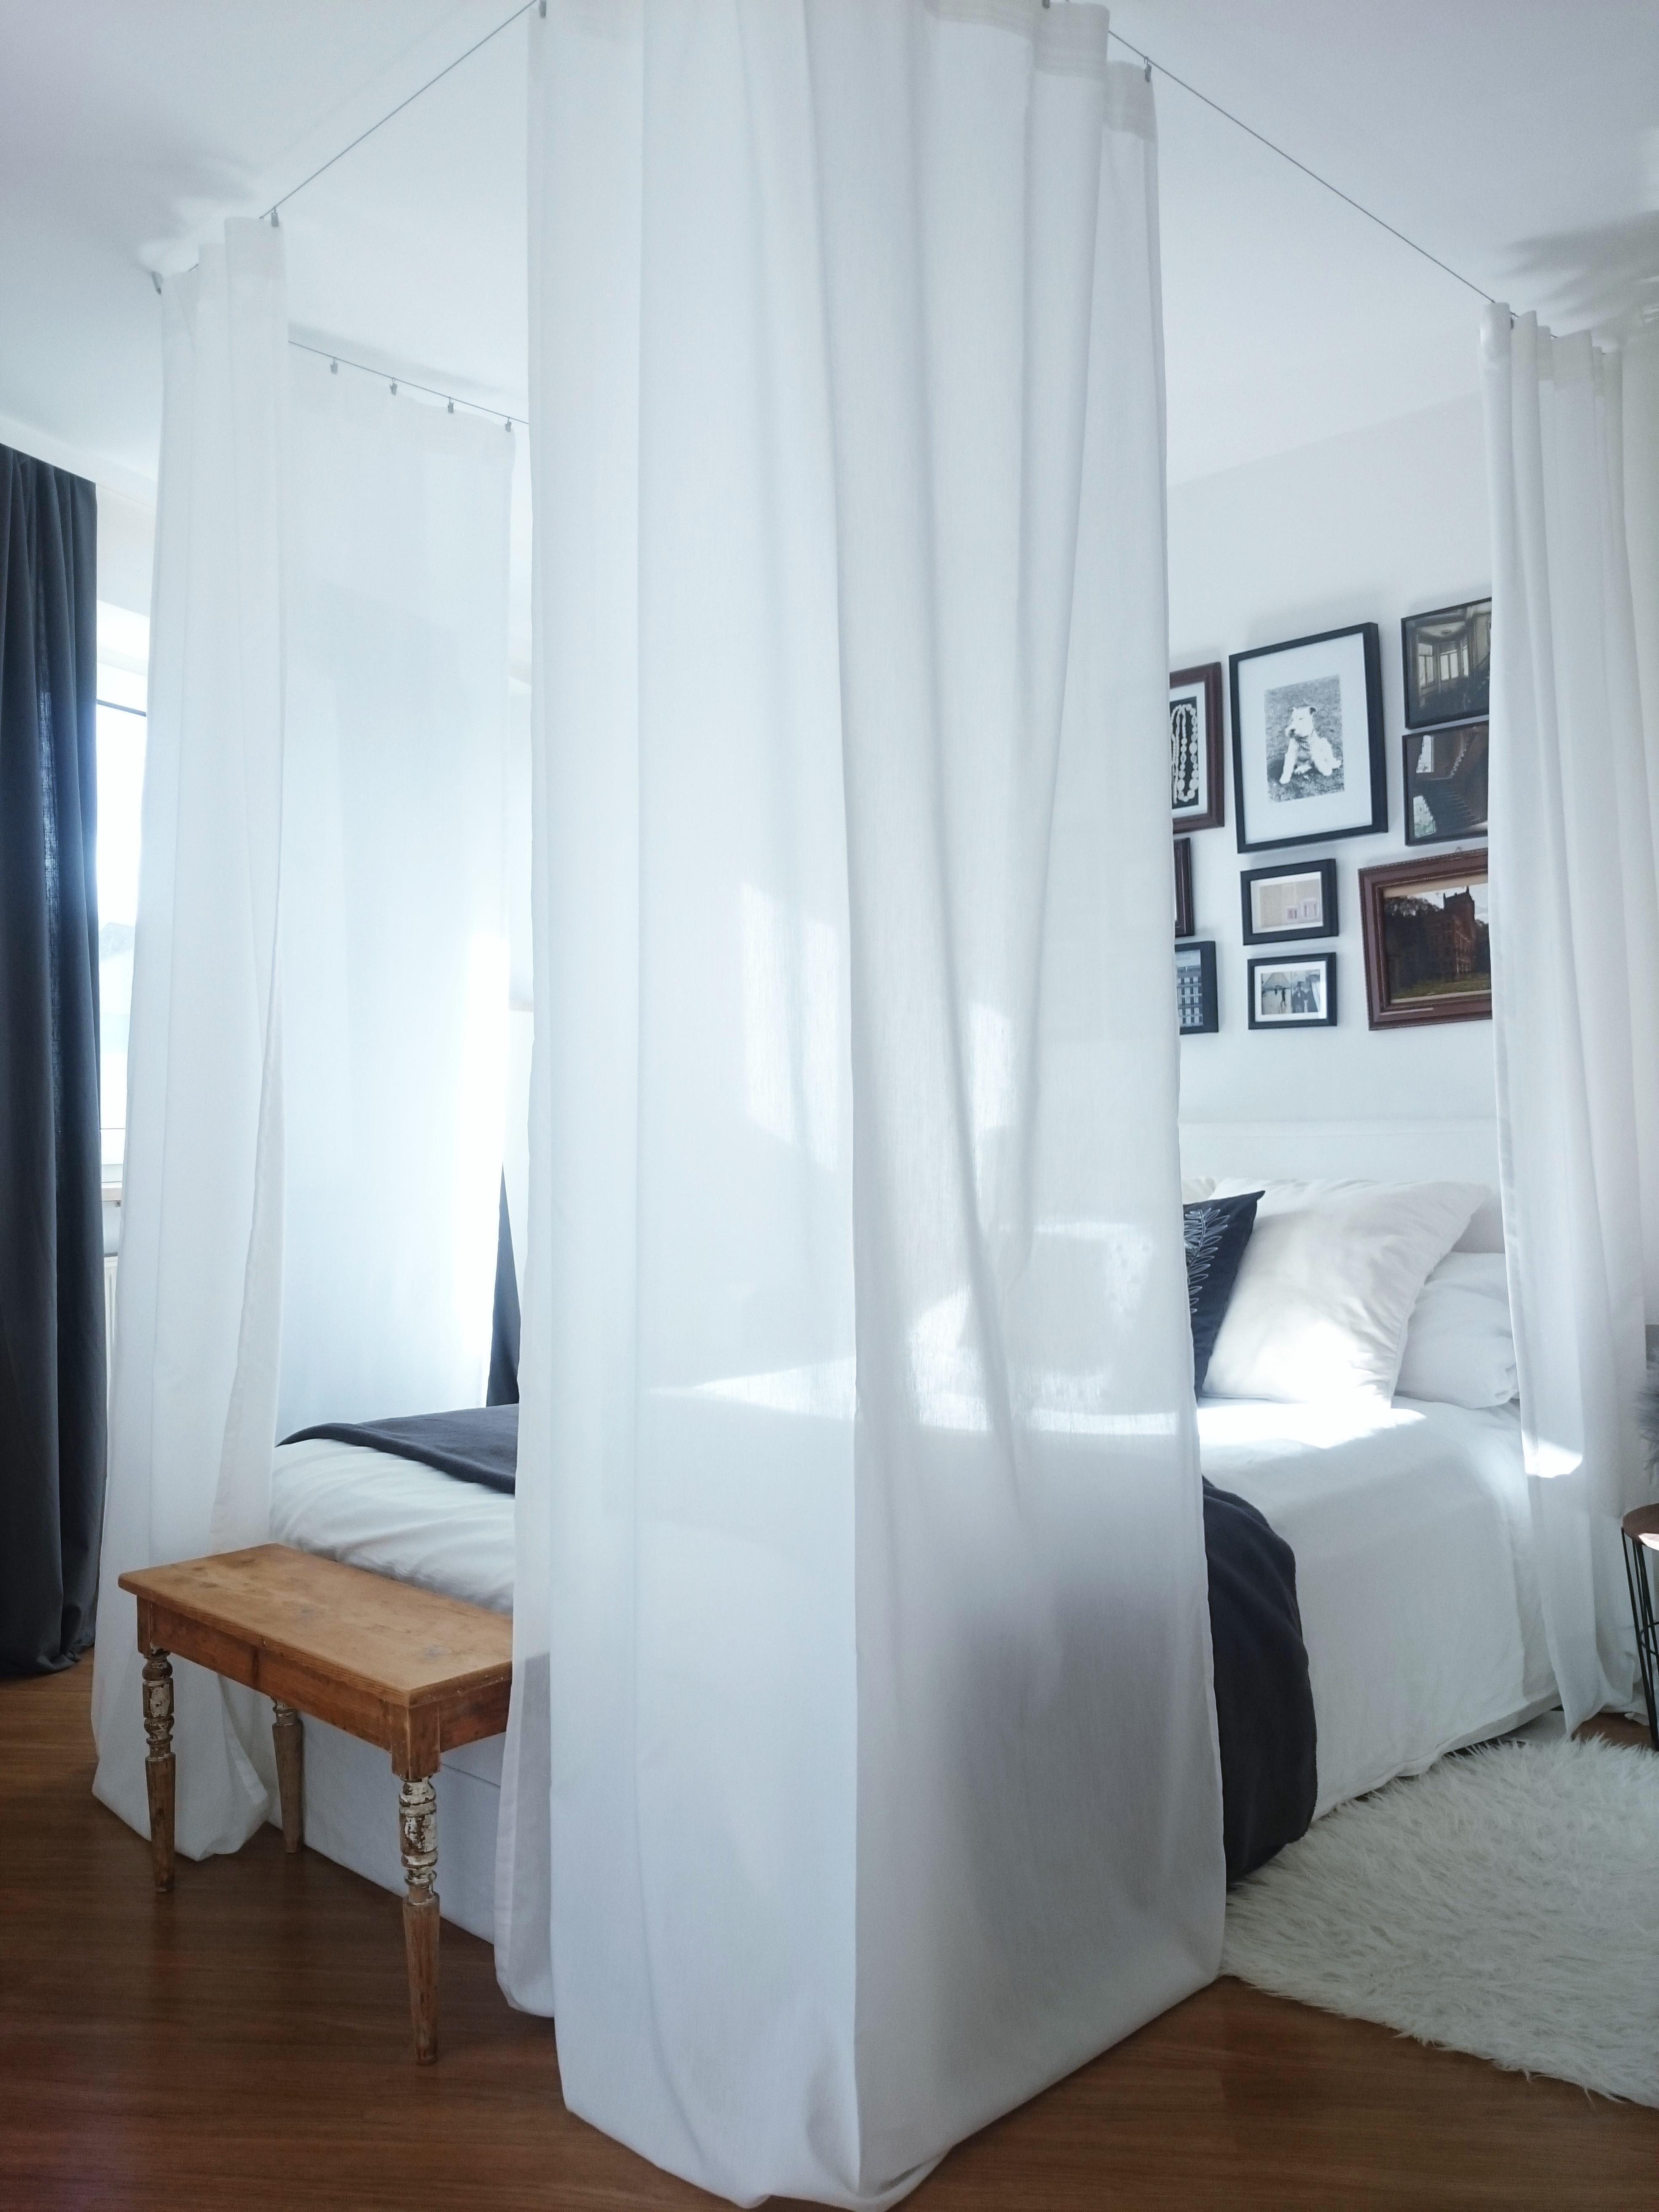 Schön #Schlafzimmer #Bett #Himmelbett #couchstyle